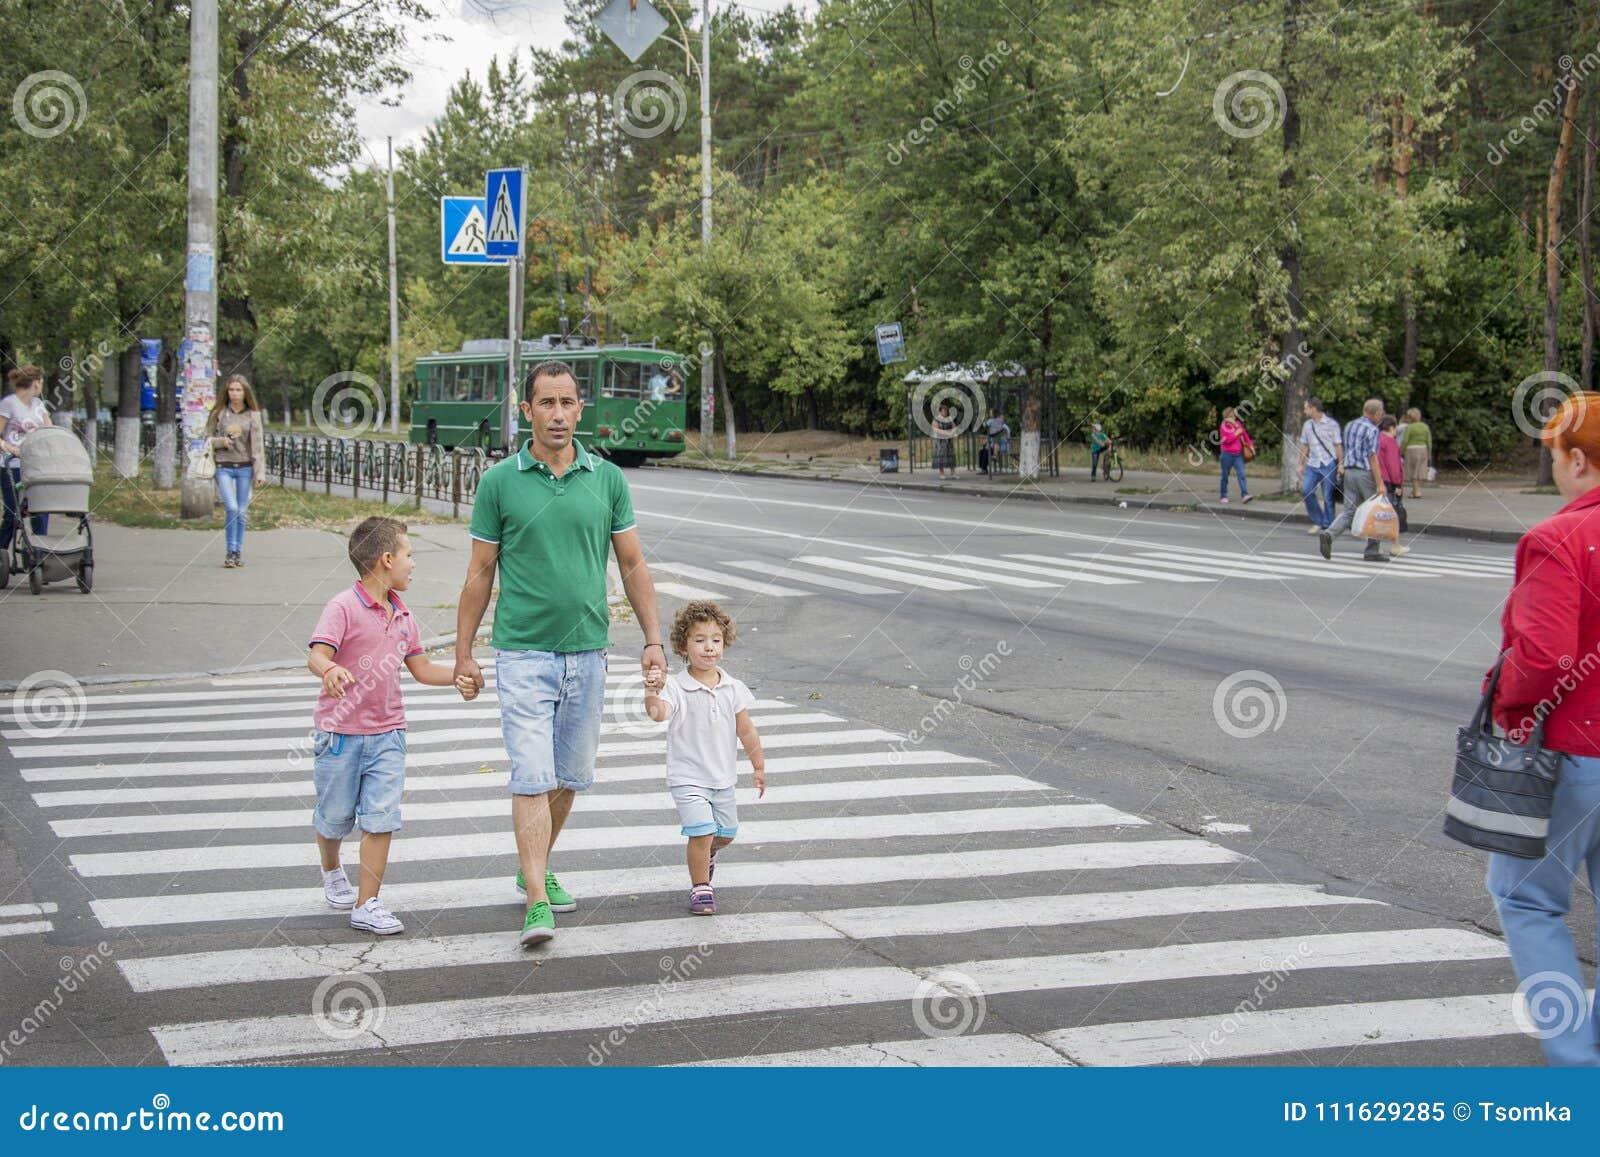 Κίεβο Το καλοκαίρι, στο για τους πεζούς πέρασμα, τον πατέρα και chil